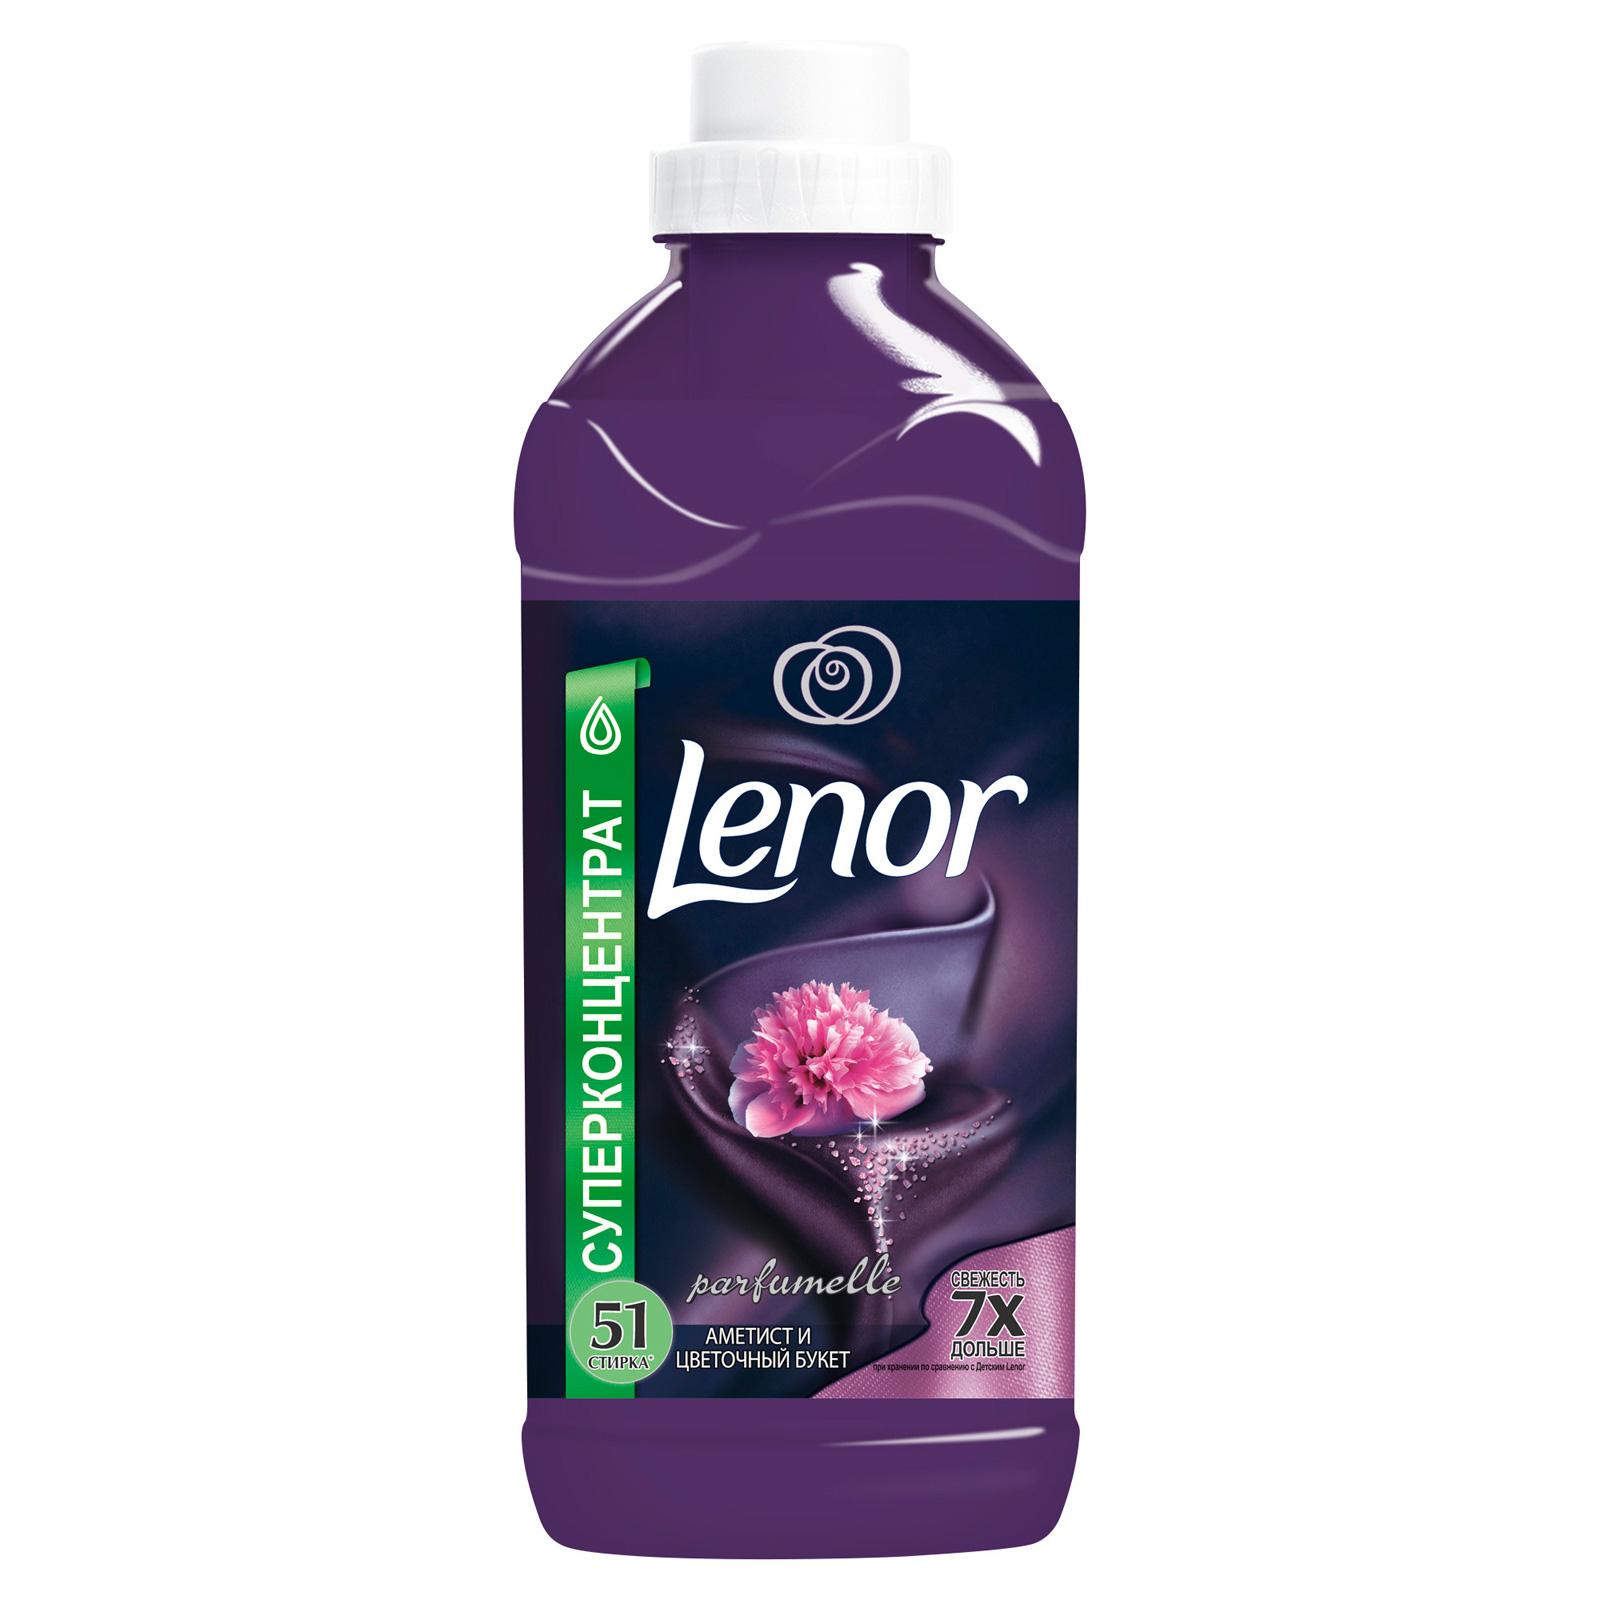 Кондиционер для белья Lenor 1,8 л Аметист И Цветочный Букет 1,8л (51стирка)<br>